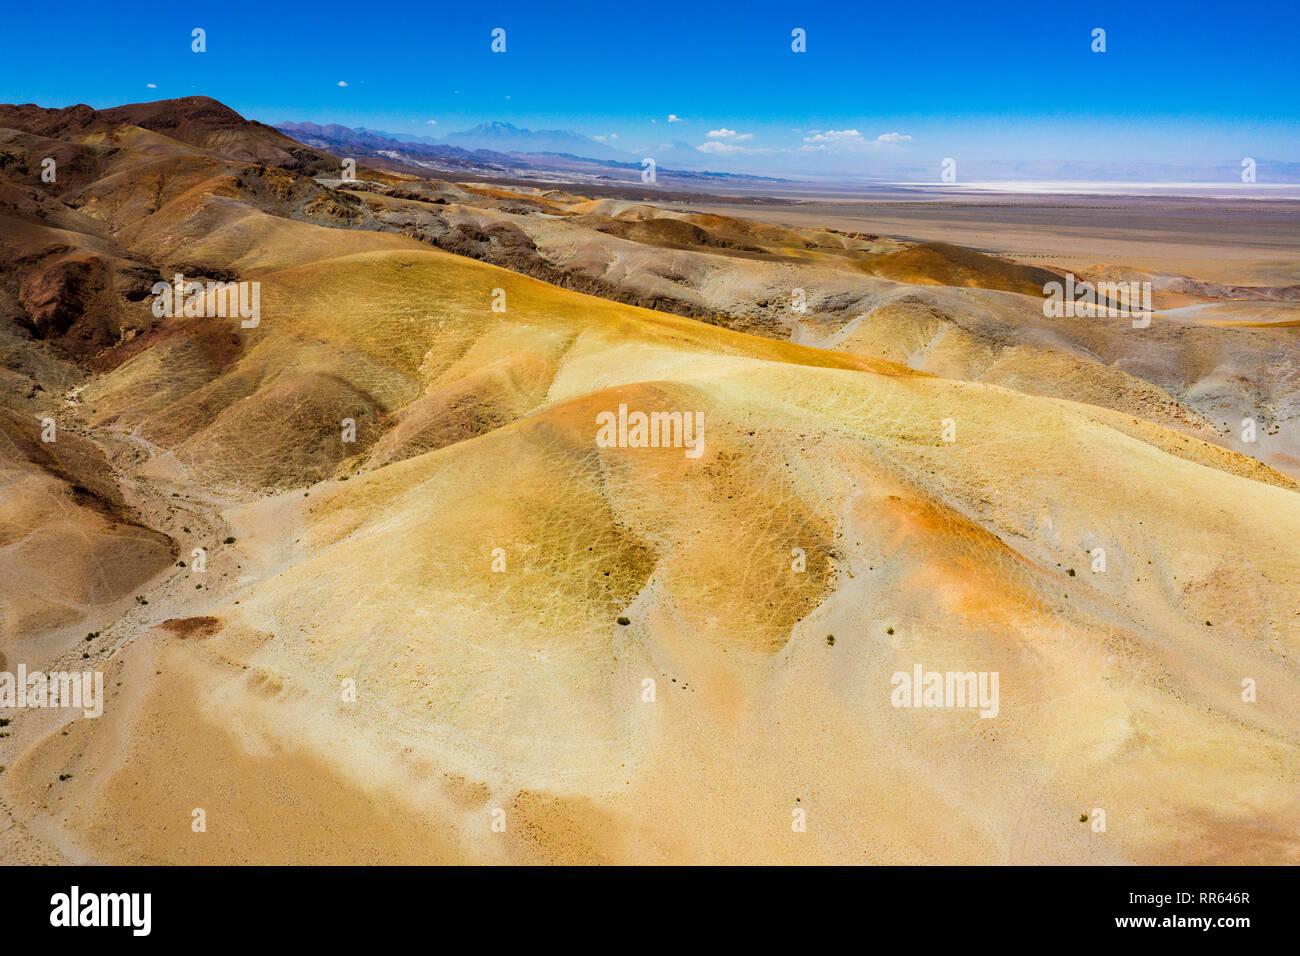 Luftaufnahme der Erdoberflaeche mineralienhaltigen der Atacama Wueste. Stockbild